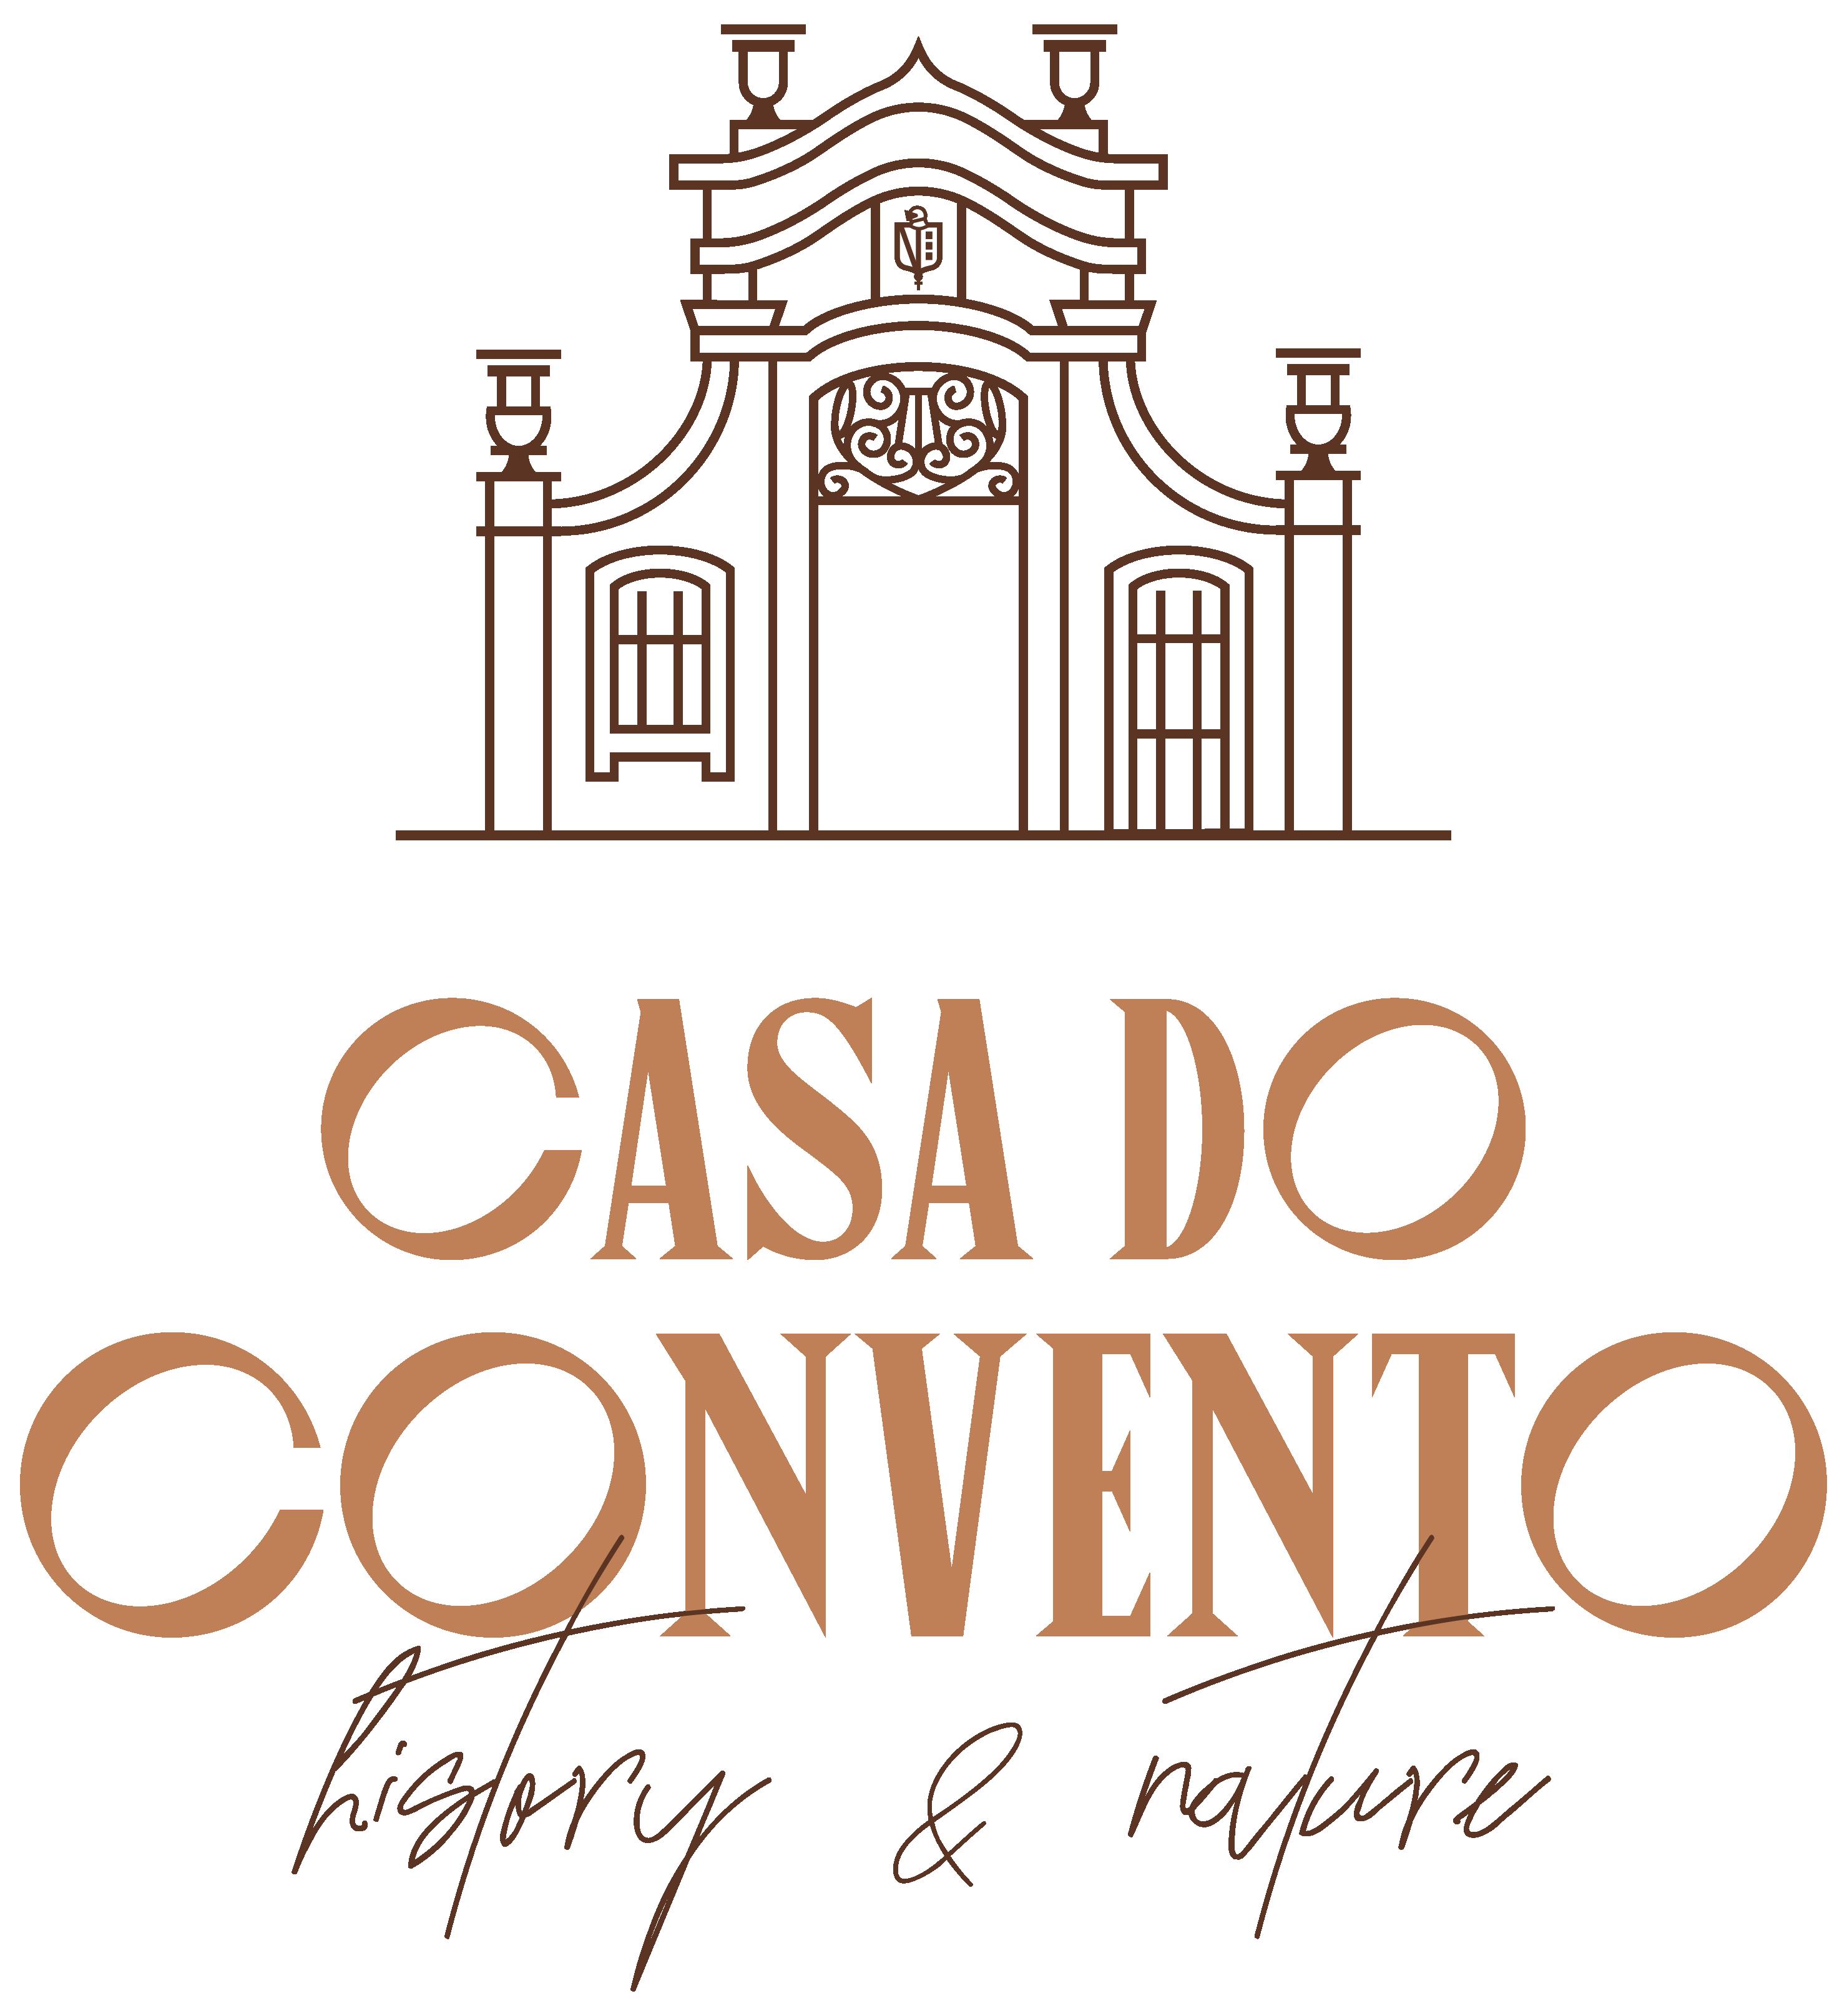 logotipo-casaconvento